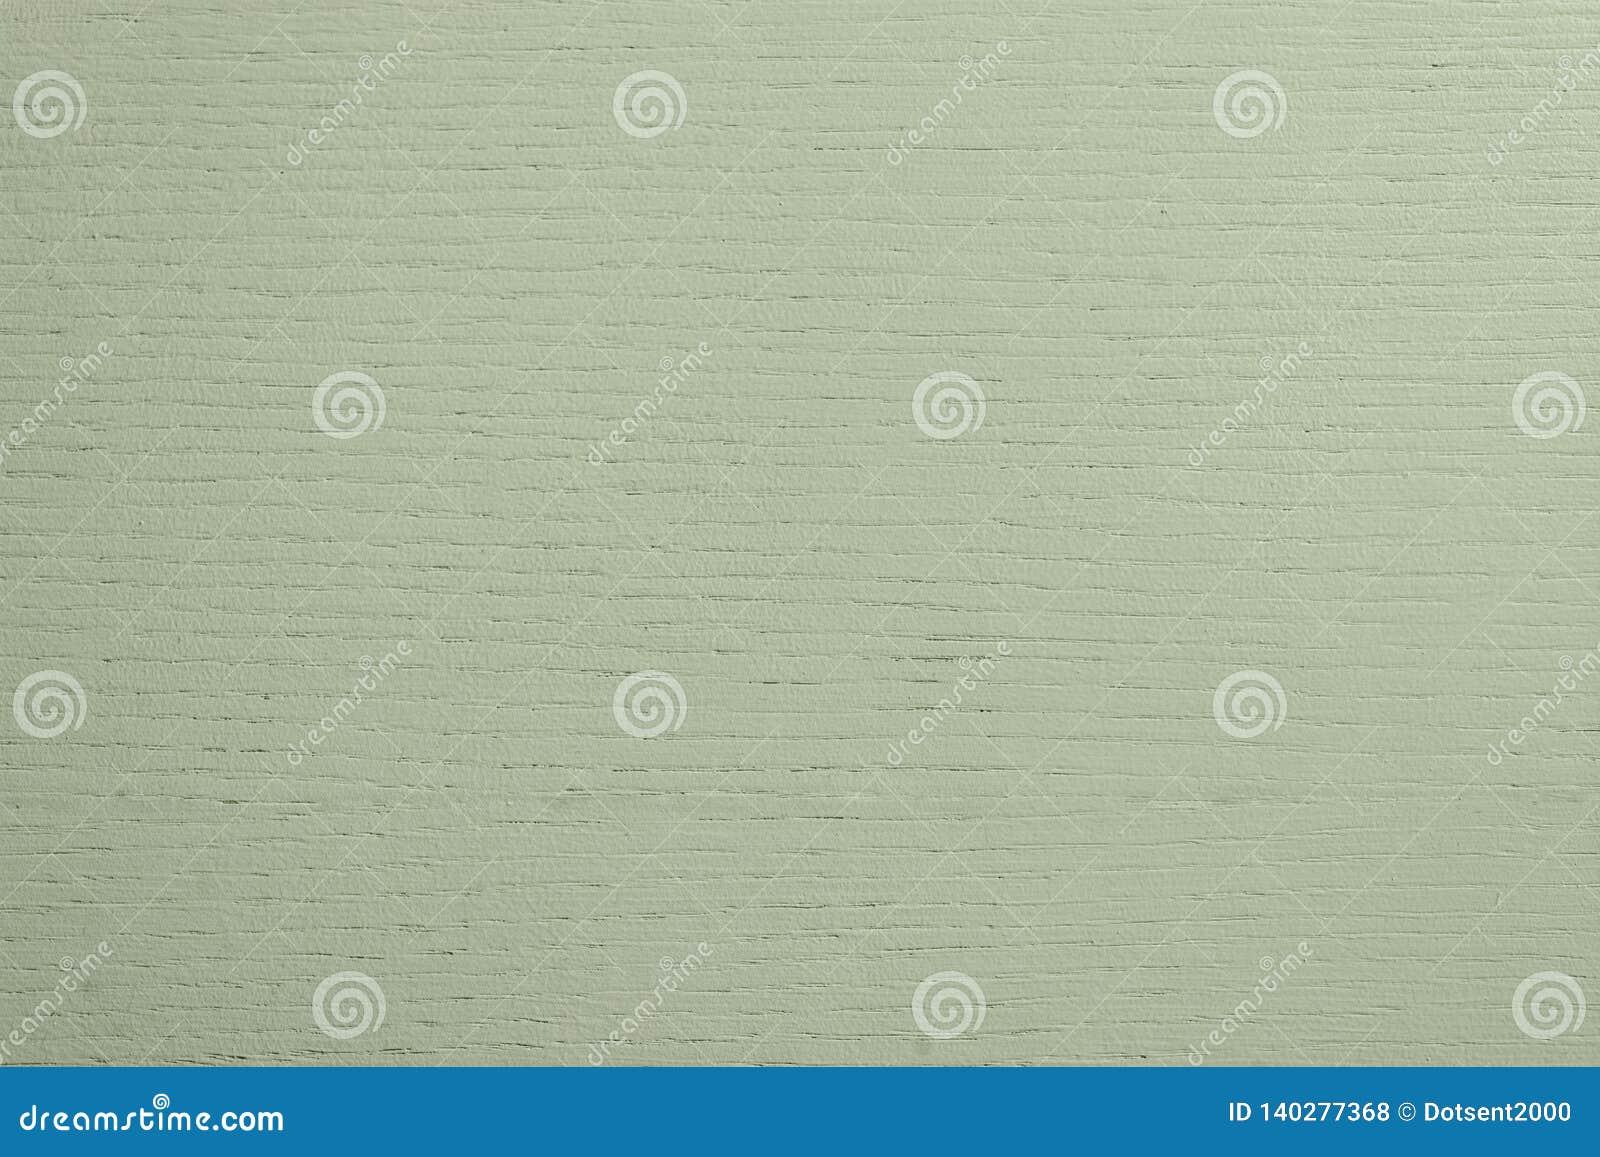 Teinte De Gris Clair fond abstrait gris-clair photo stock. image du simple